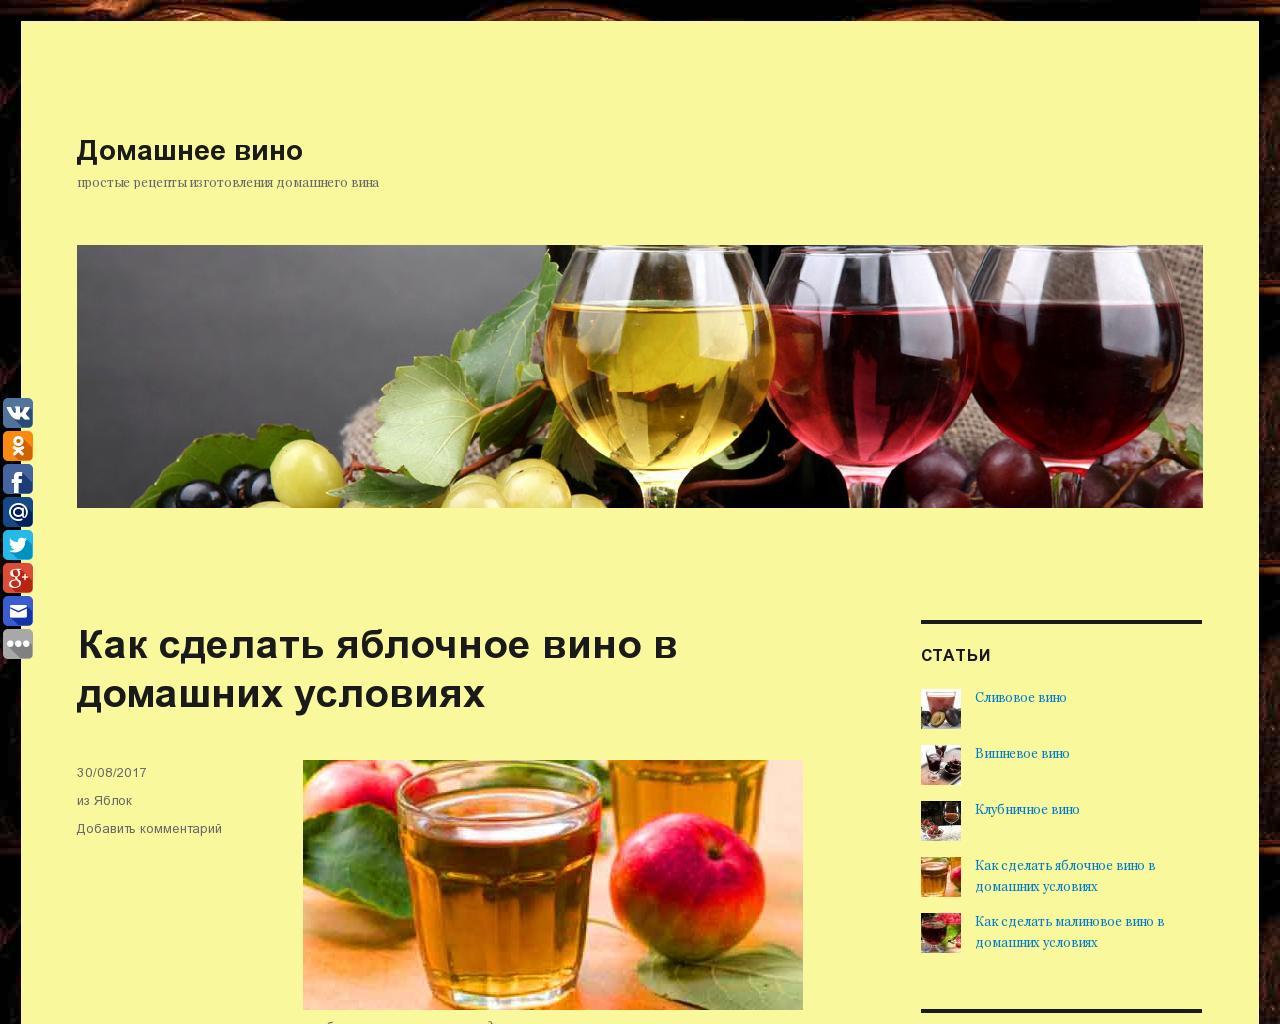 Вино из чернослива в домашних условиях - пошаговый рецепт 1